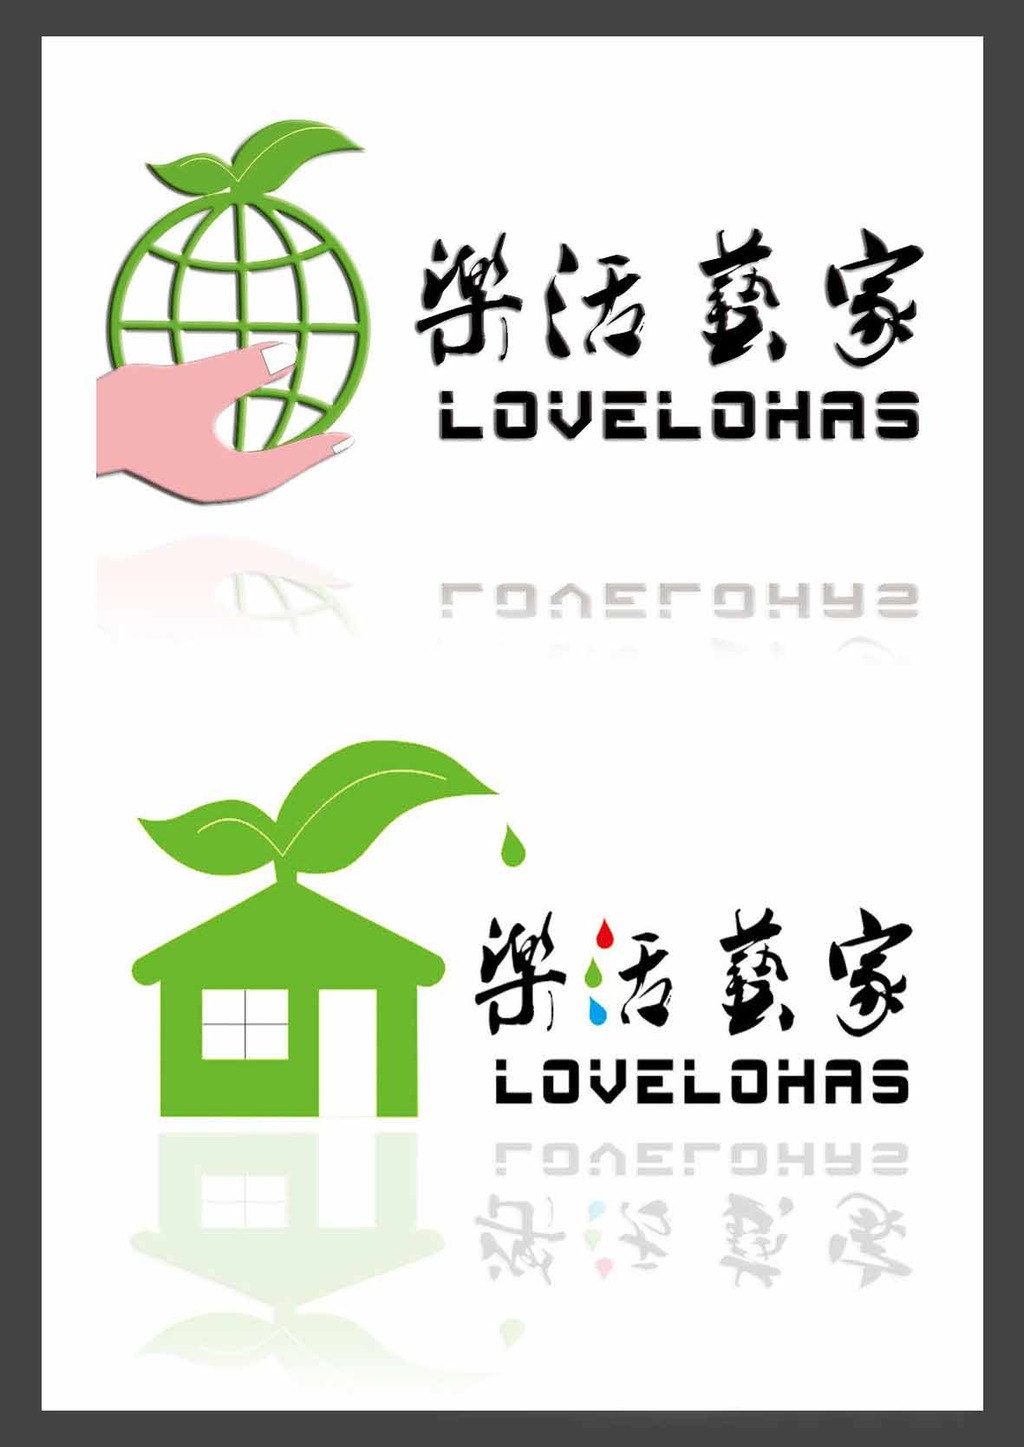 装修公司logo设计模板下载(图片编号:12554289)